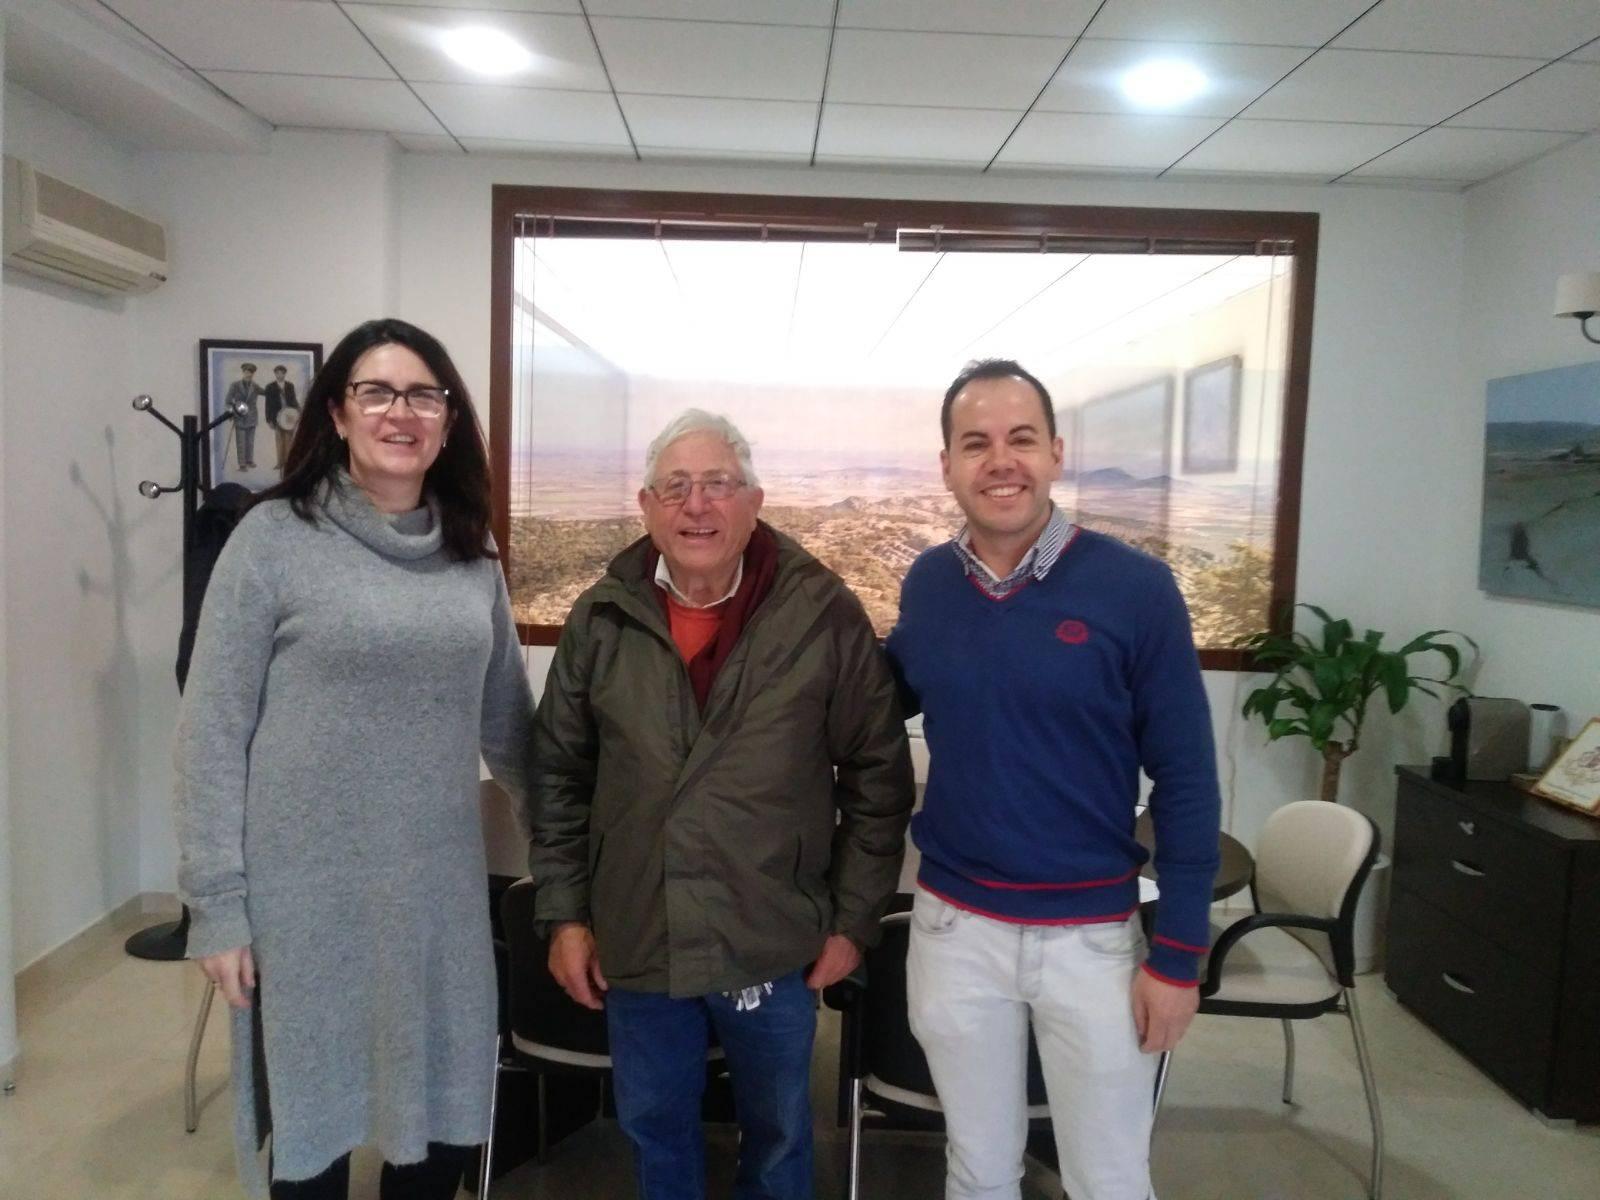 convenio santa cecilia herencia 2 - Renovación del convenio entre ayuntamiento y la Agrupación Musical Santa Cecilia